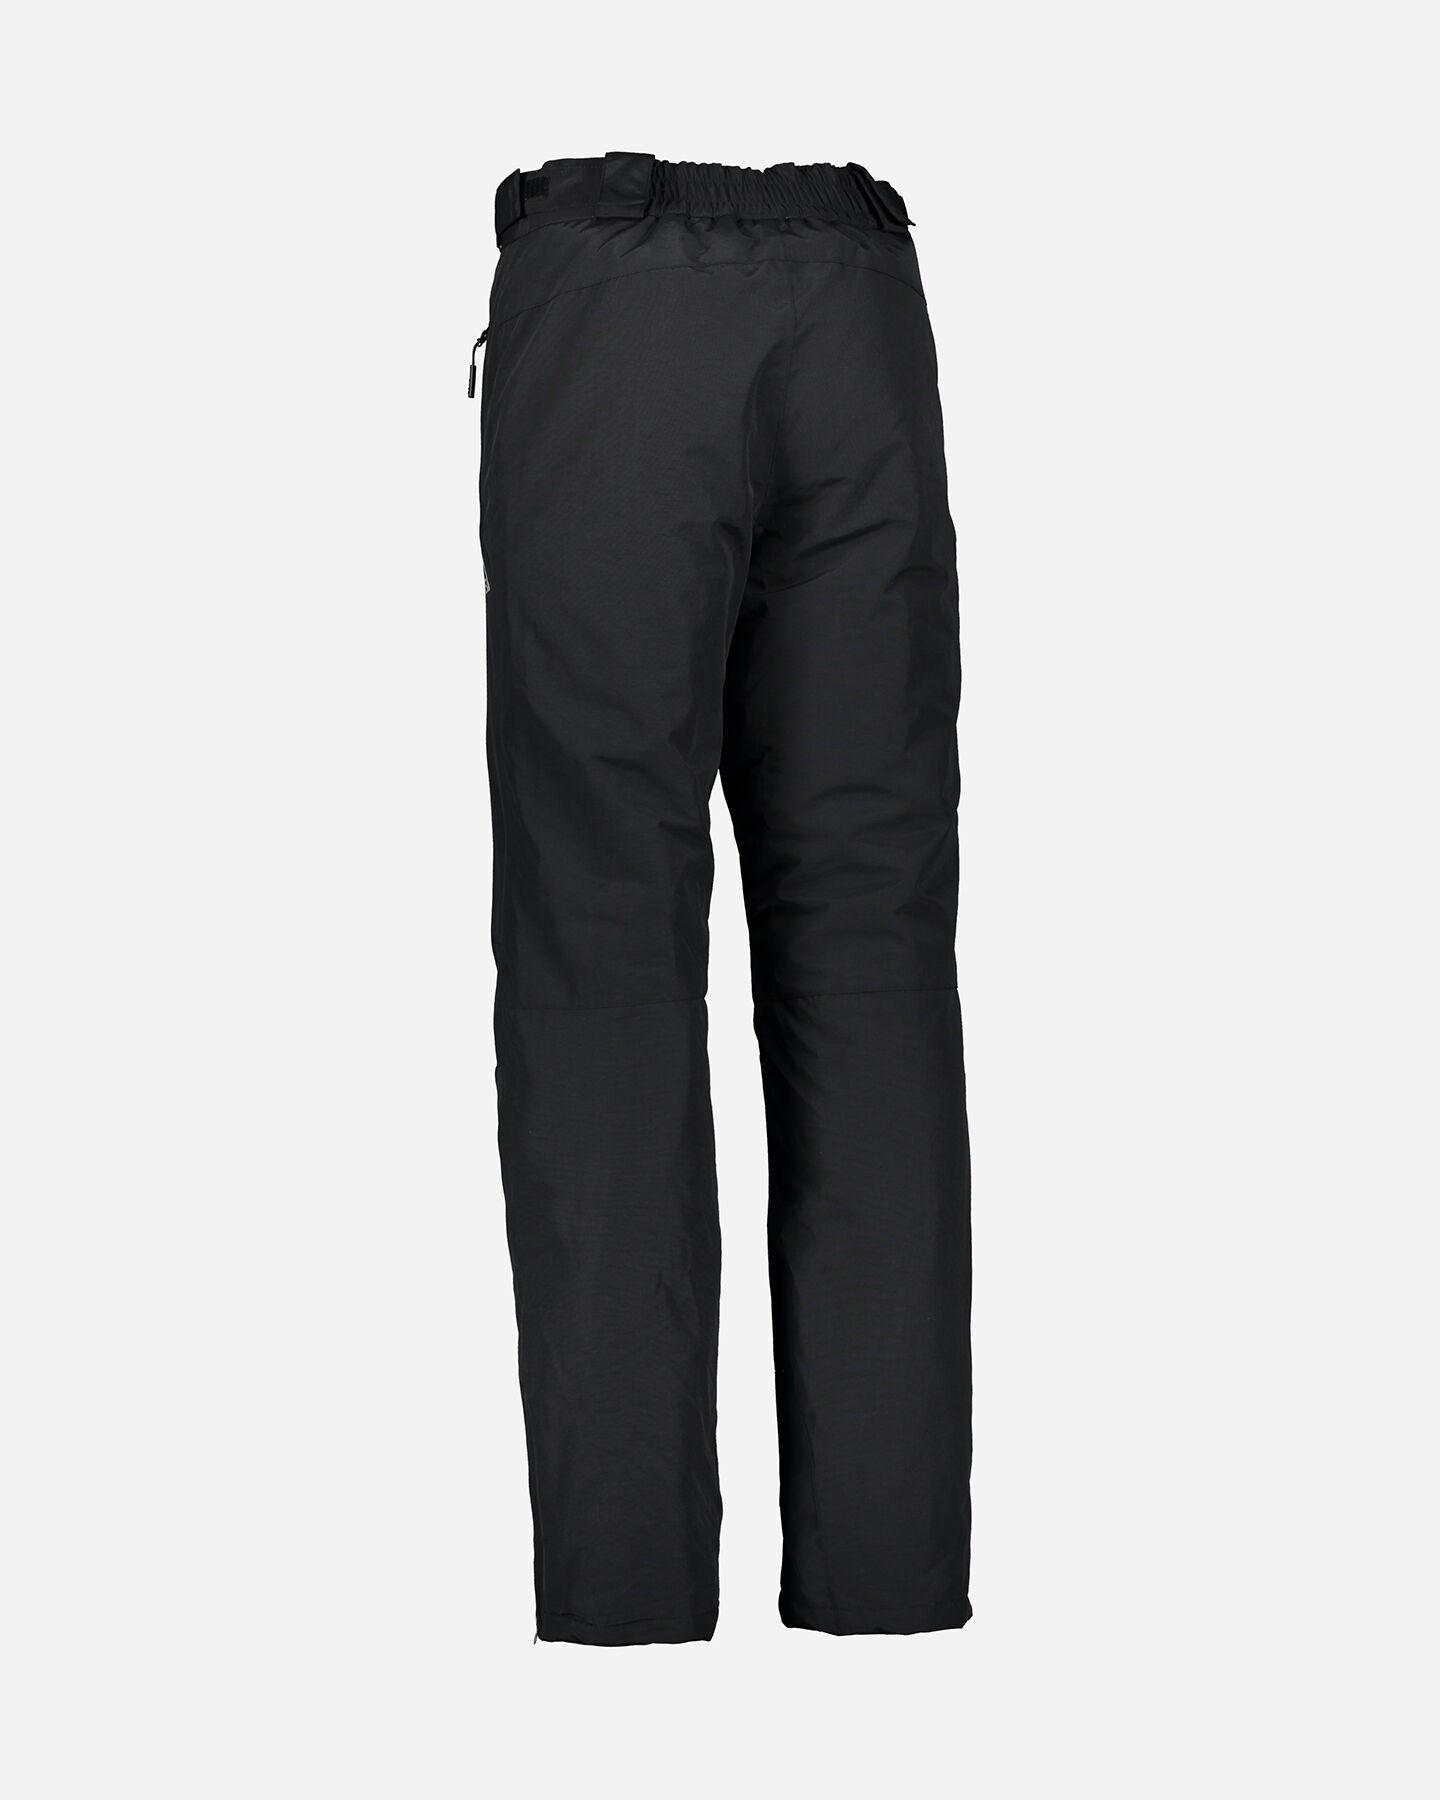 Pantalone sci 8848 REDORTA M S1328296 scatto 5